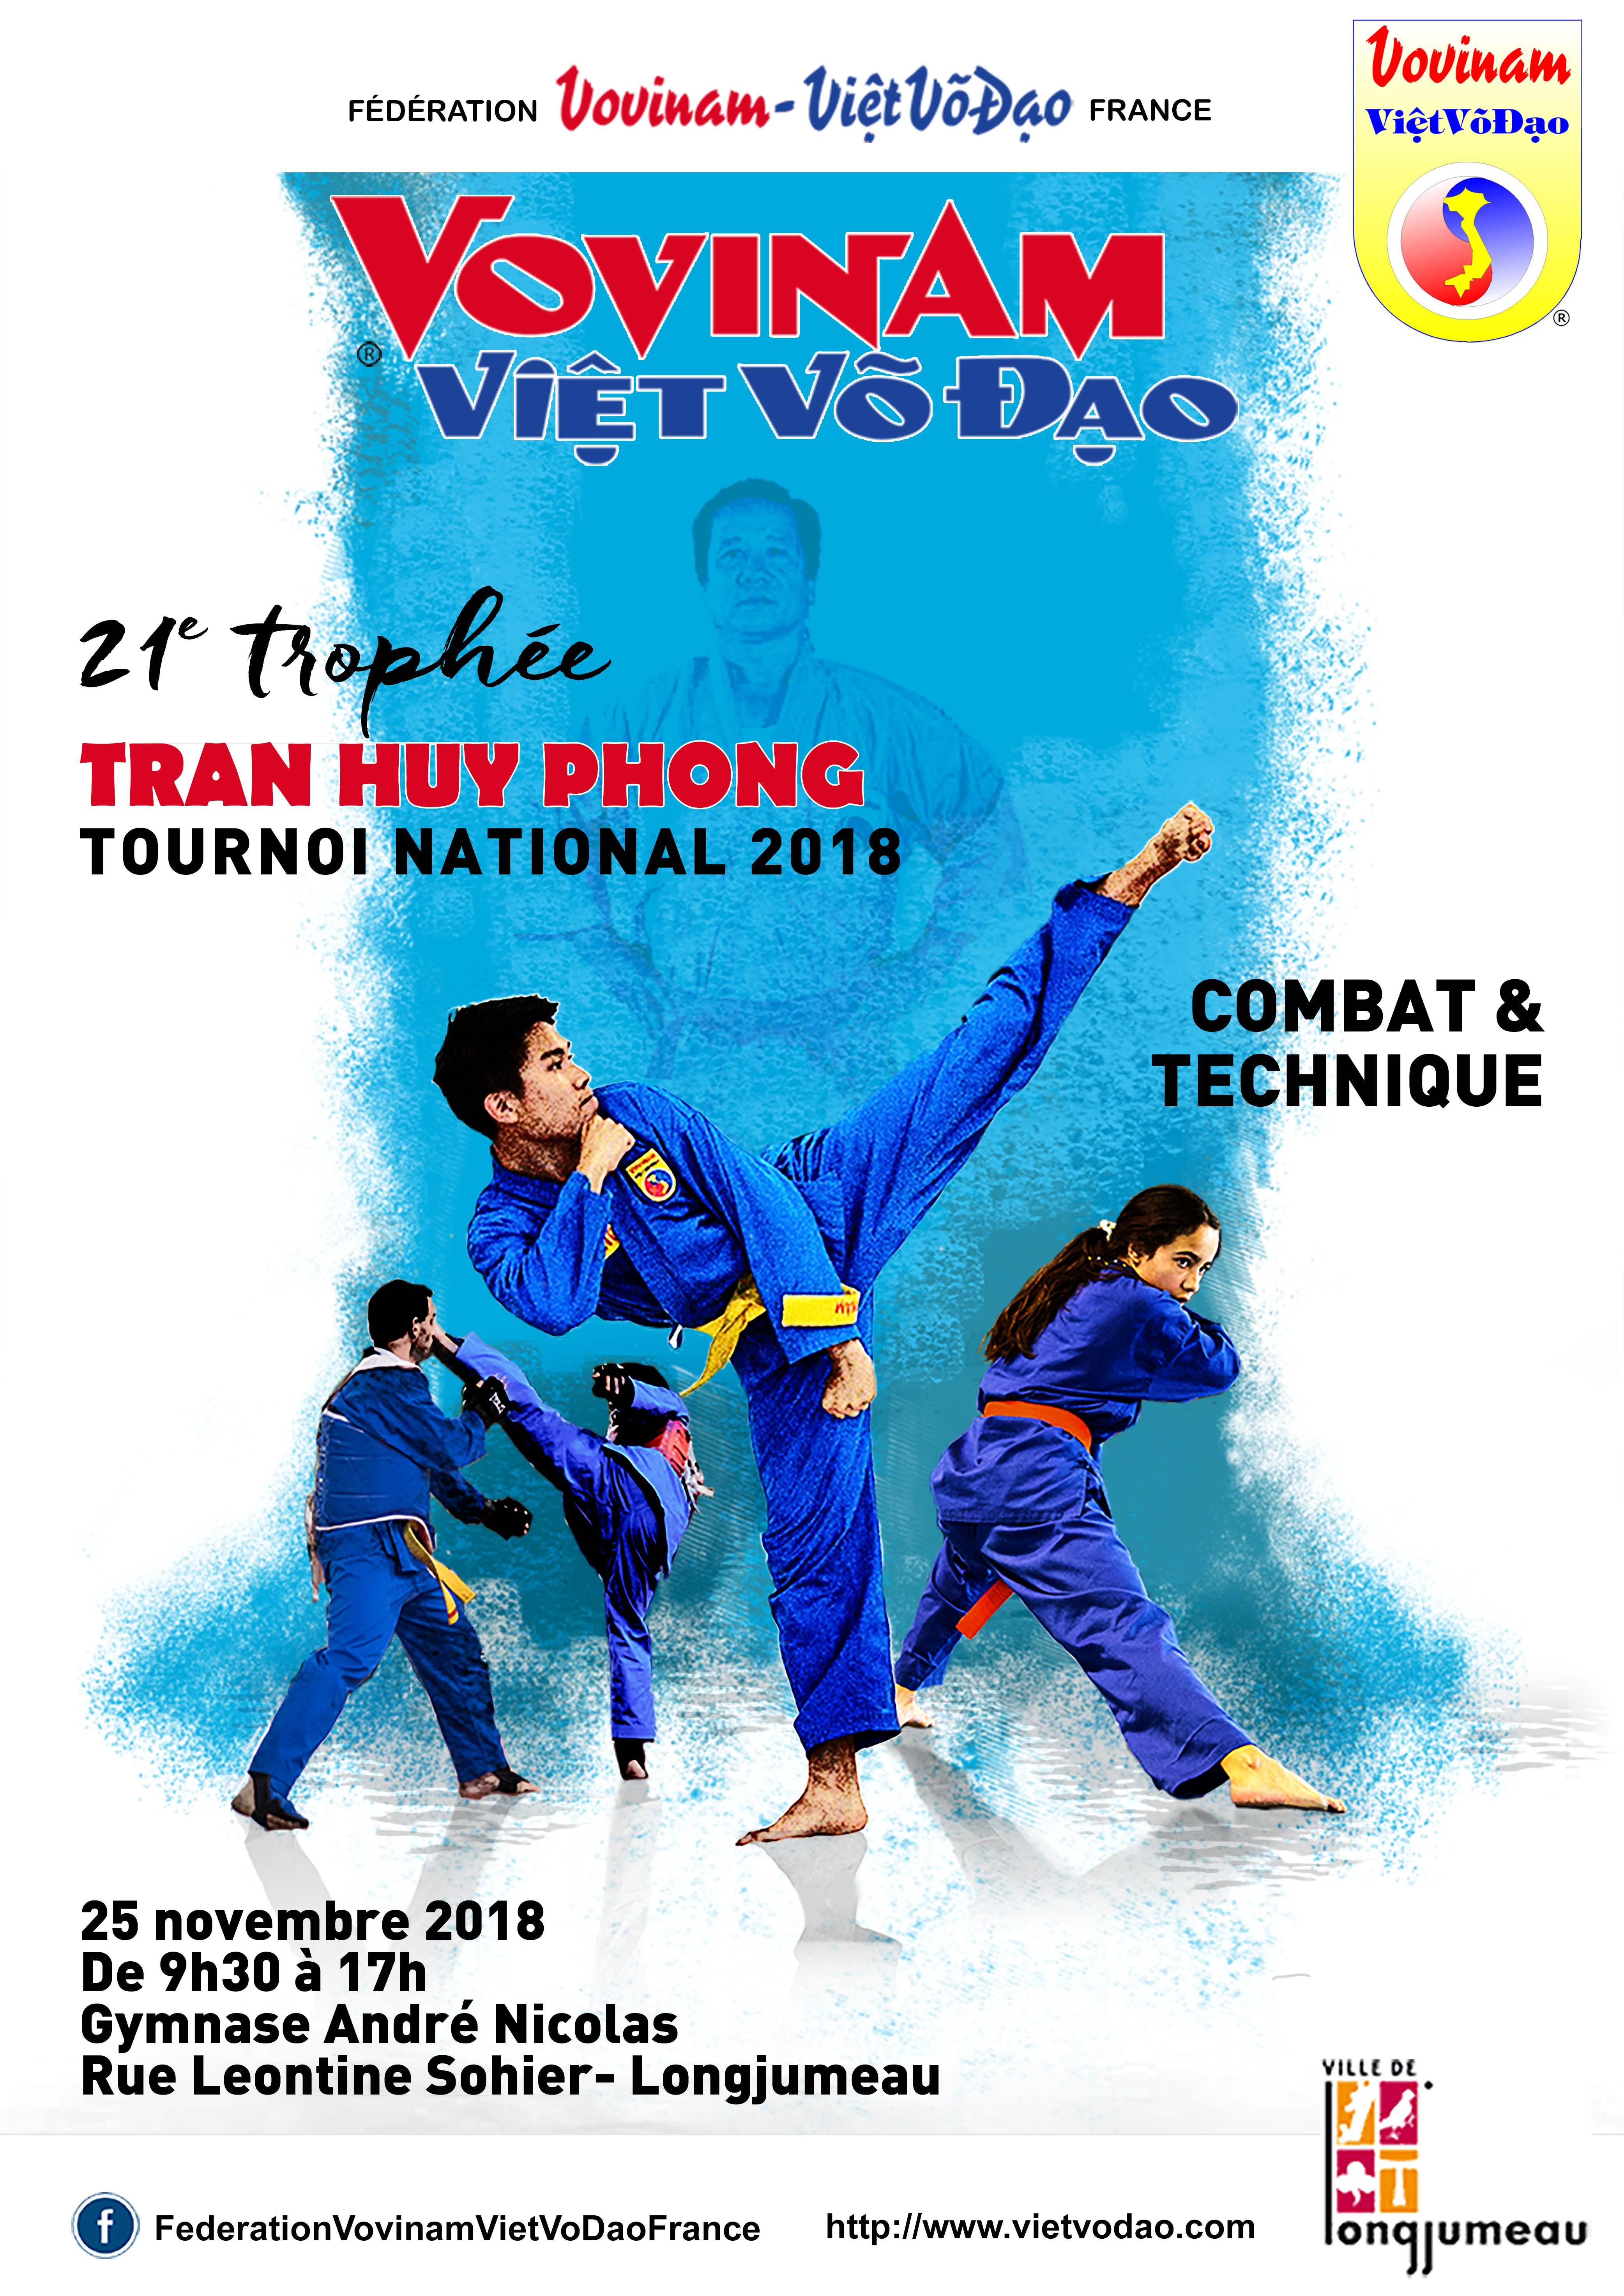 Trophée TRAN Huy Phong 2018